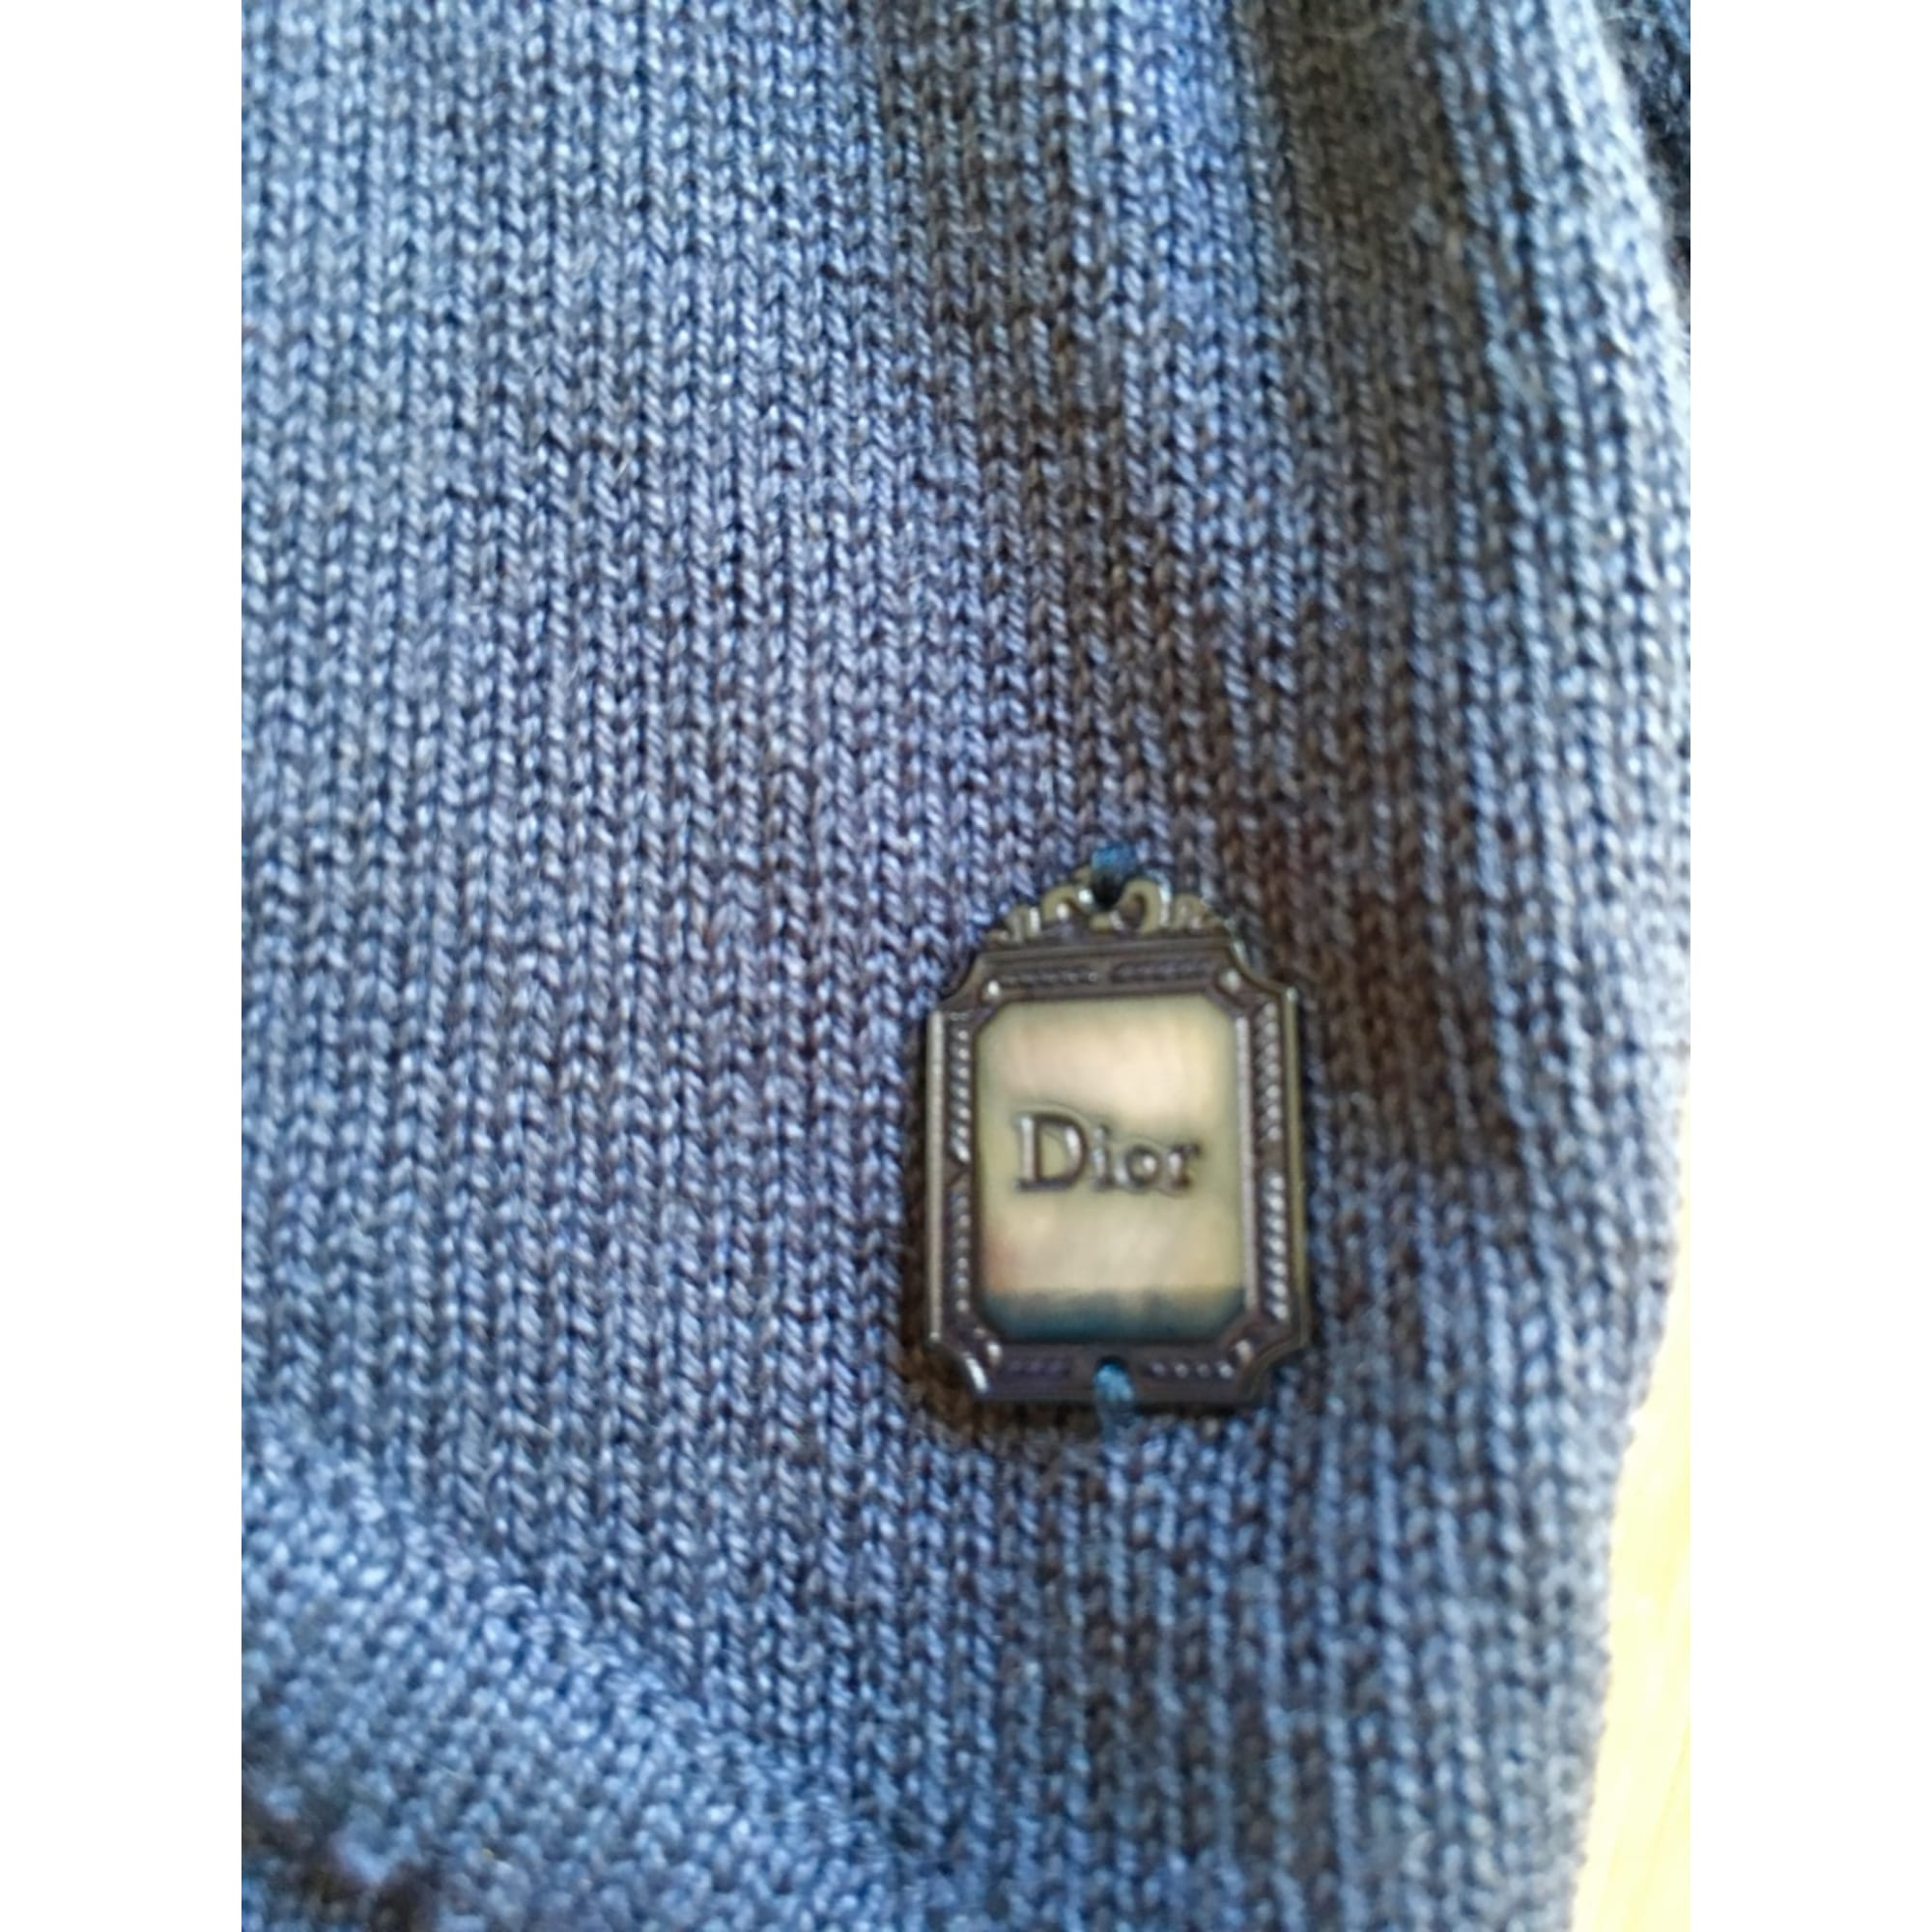 Gilet, cardigan BABY DIOR Bleu, bleu marine, bleu turquoise